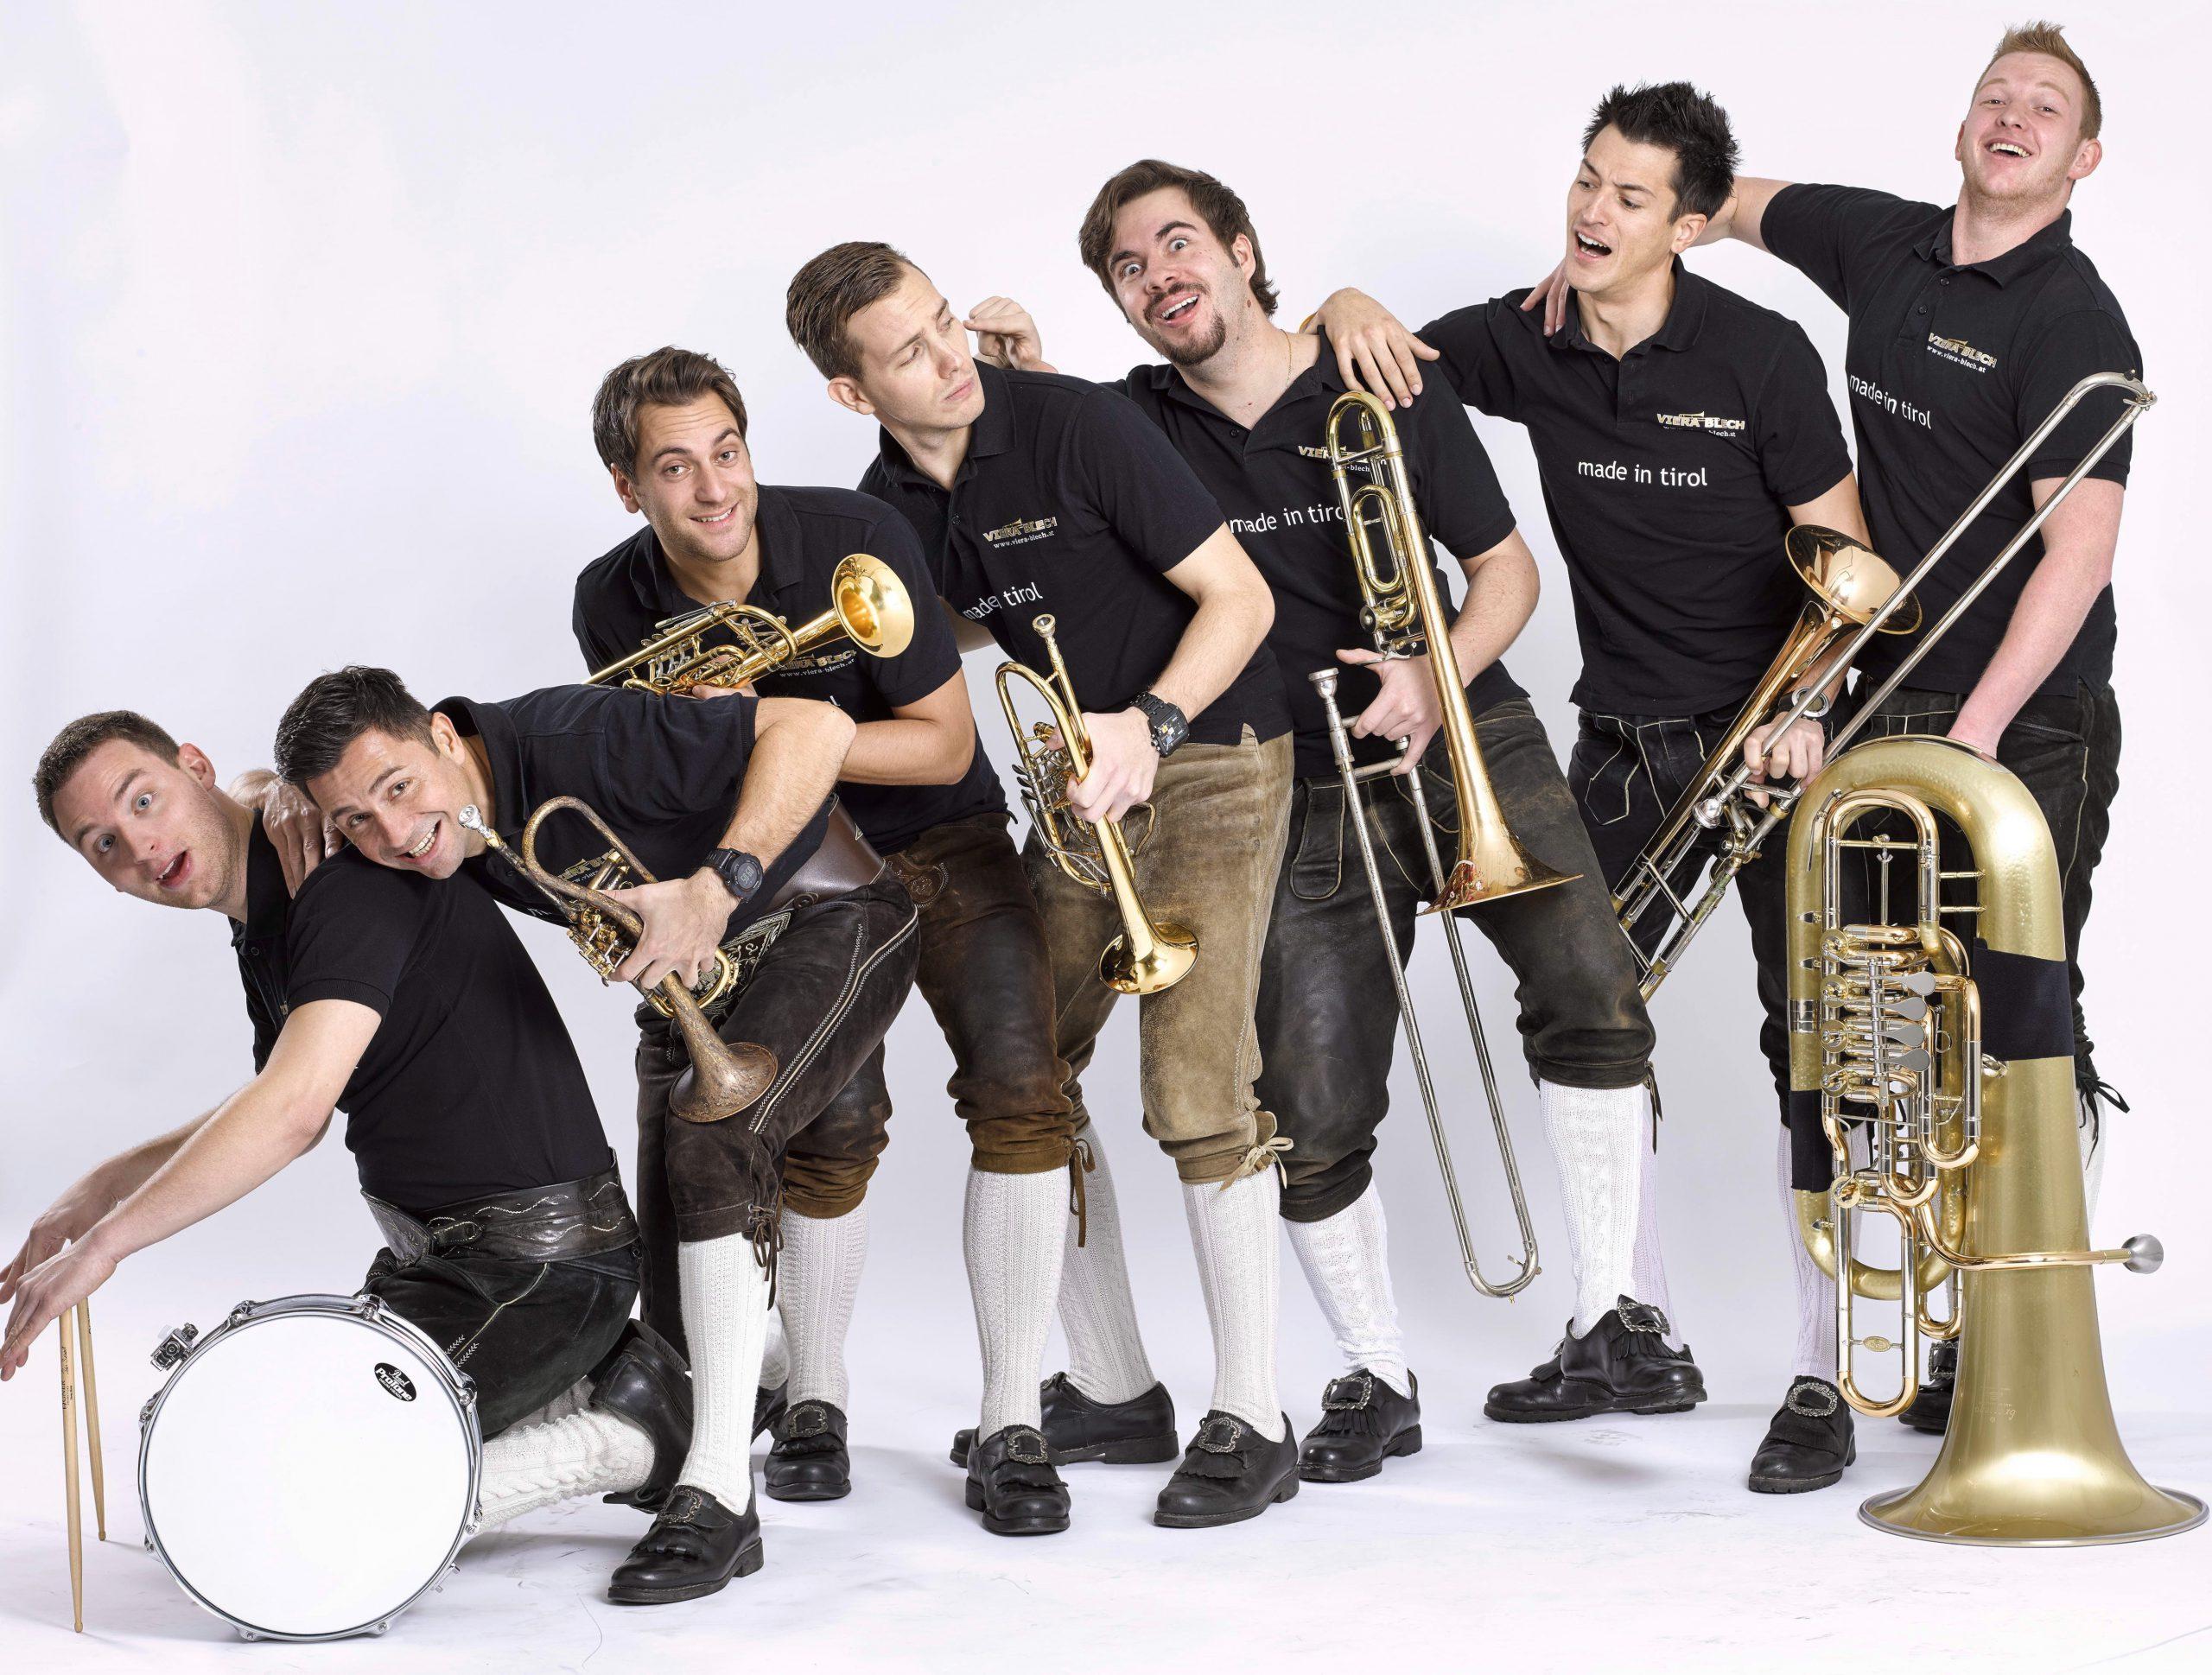 VIERA BLECH - Blasmusik der Spitzenklasse aus Tirol - live in Bad Tennstedt am 12.09.2020 - Vorverkauf zu unseren Proben, Veranstaltungen, über das Kontaktformular oder bei Musikinstrumente Thoß